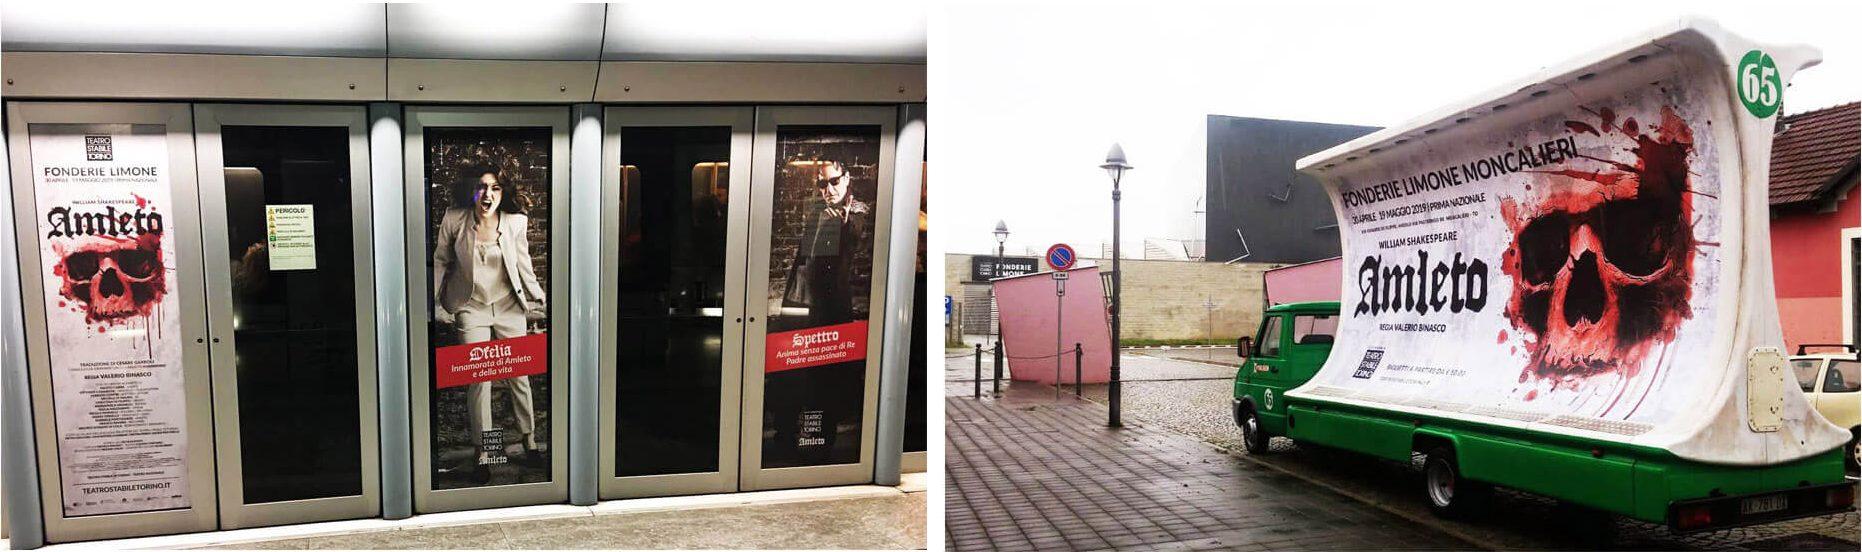 TST / Teatro Stabile di Torino